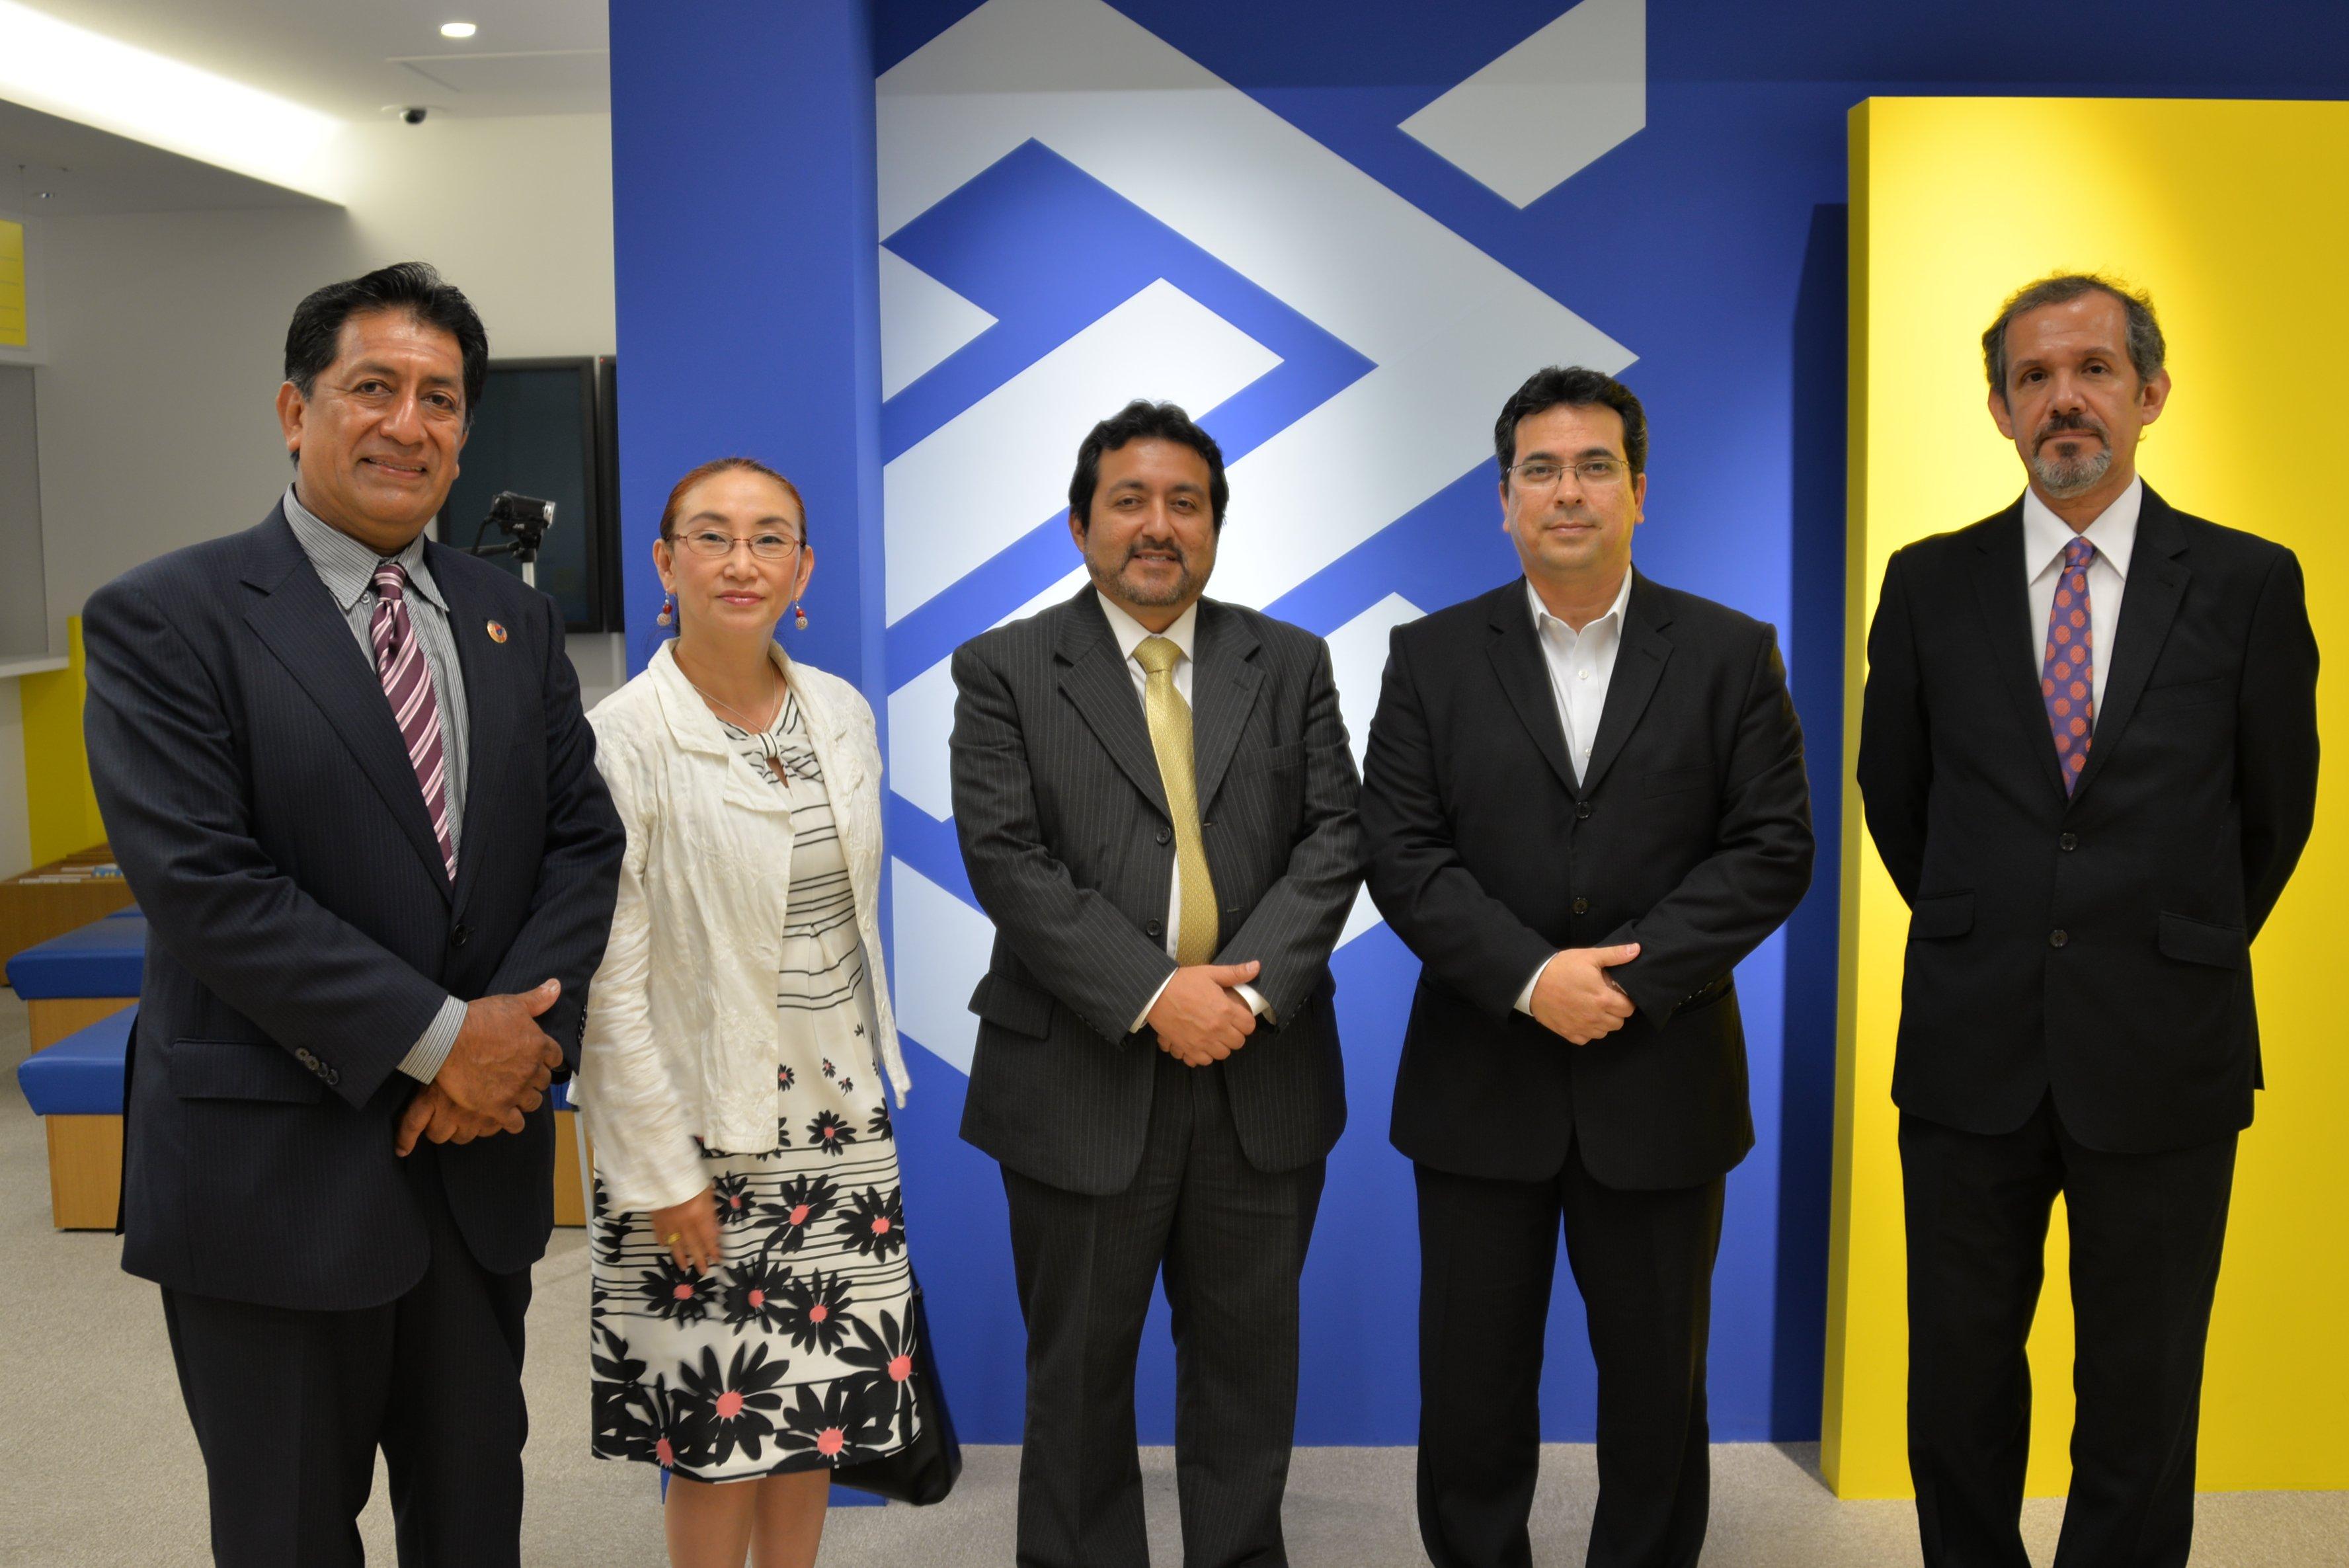 A partir da esq. David Quincho, Asako Takabayashi, Jorge Jallo Sandoval (cônsul-geral do Peru), Ricardo Goya (gerente-geral da agência BB Tóquio) e Marco Santivañez (chefe da chancelaria da Embaixada do Peru)